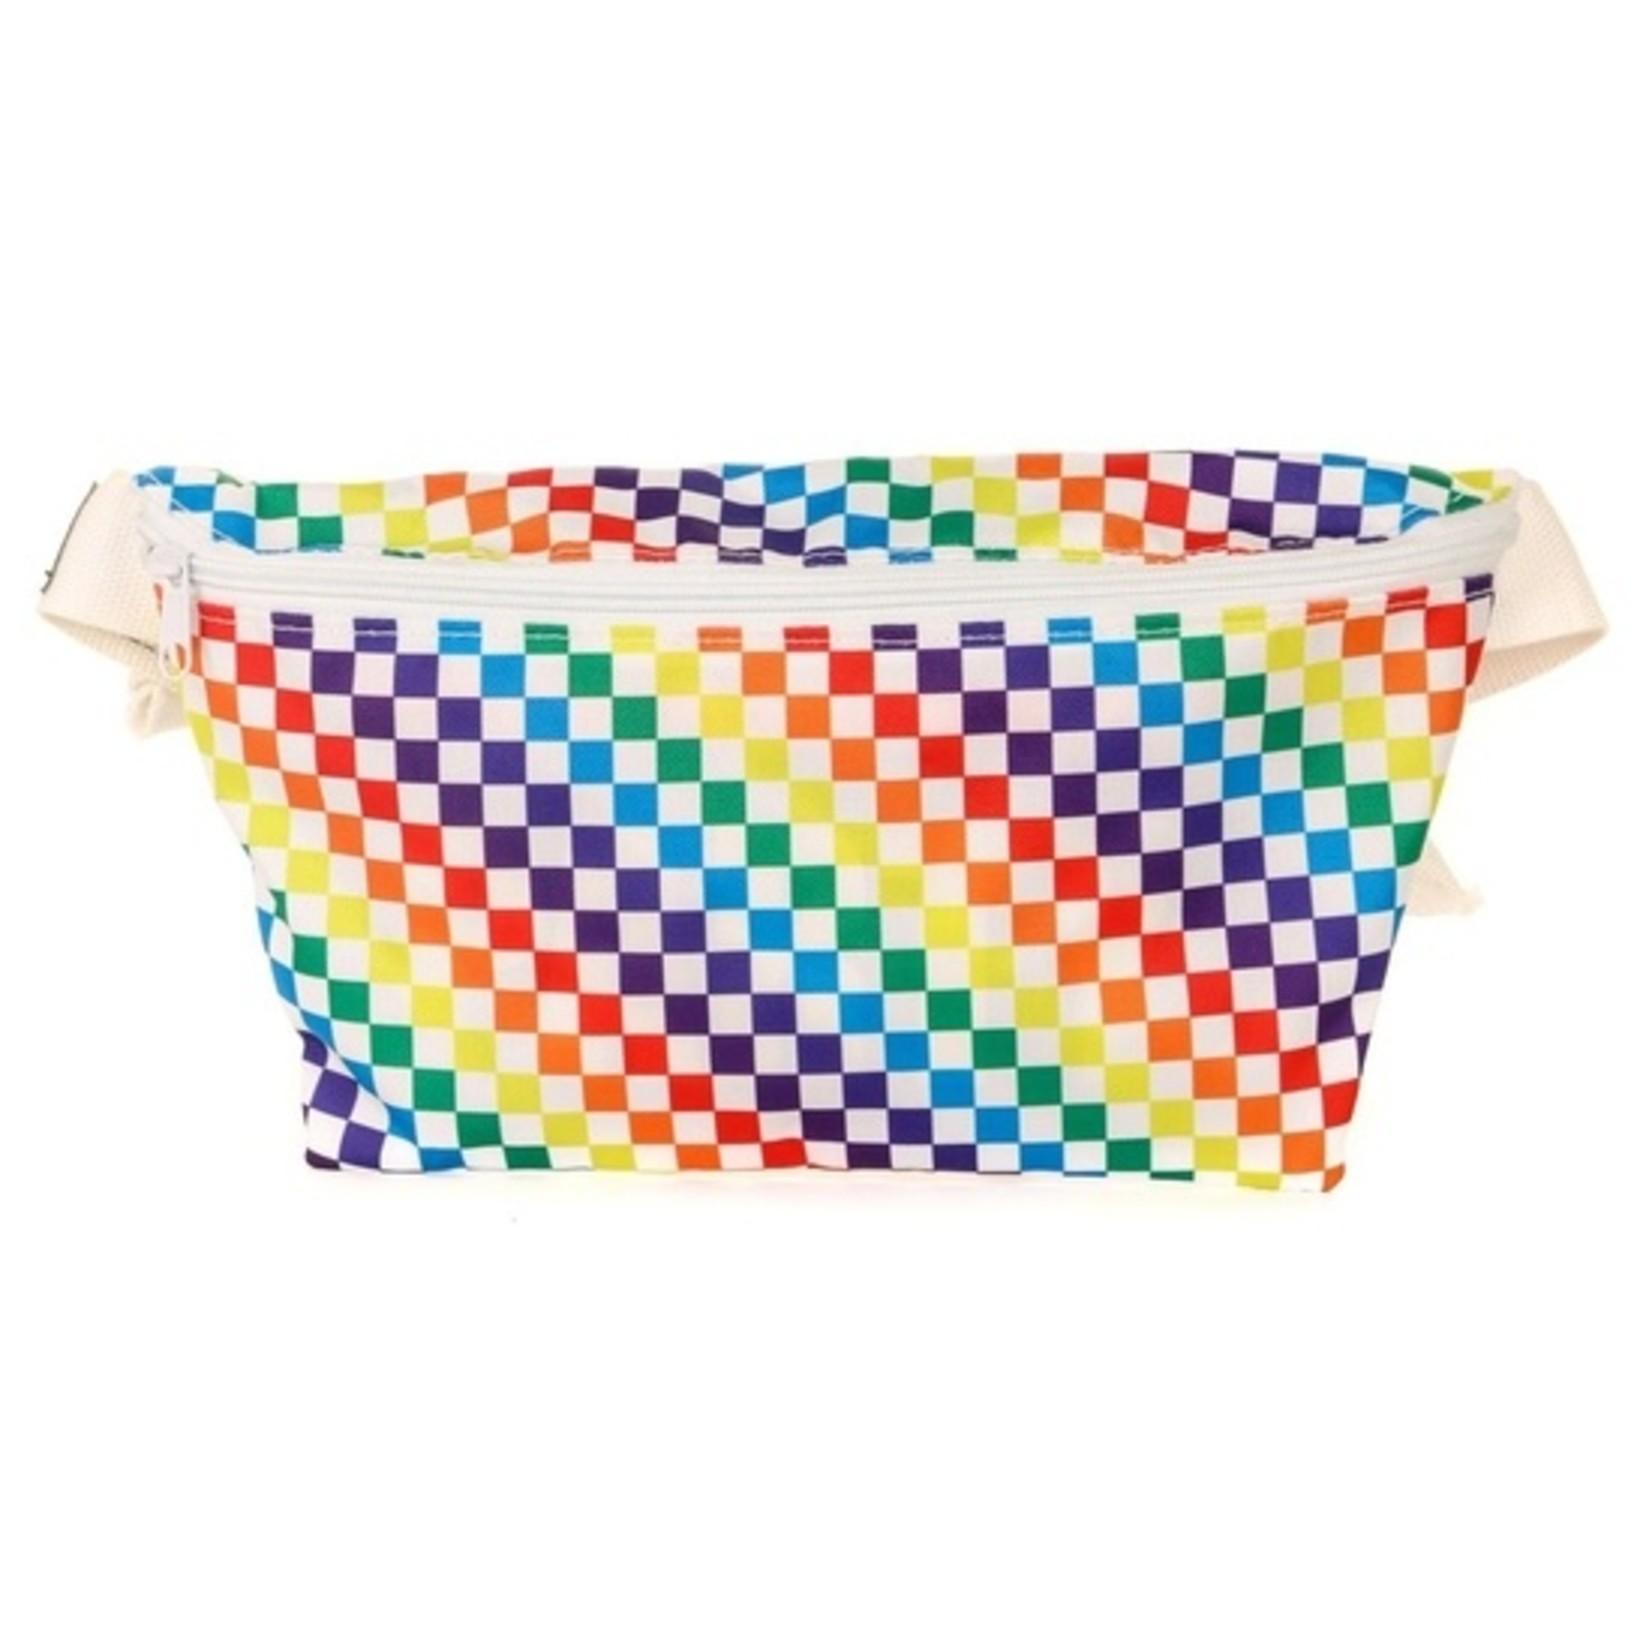 FYDELITY FYDELITY Fanny Pack Indy Rainbow Xl Ultra-slim